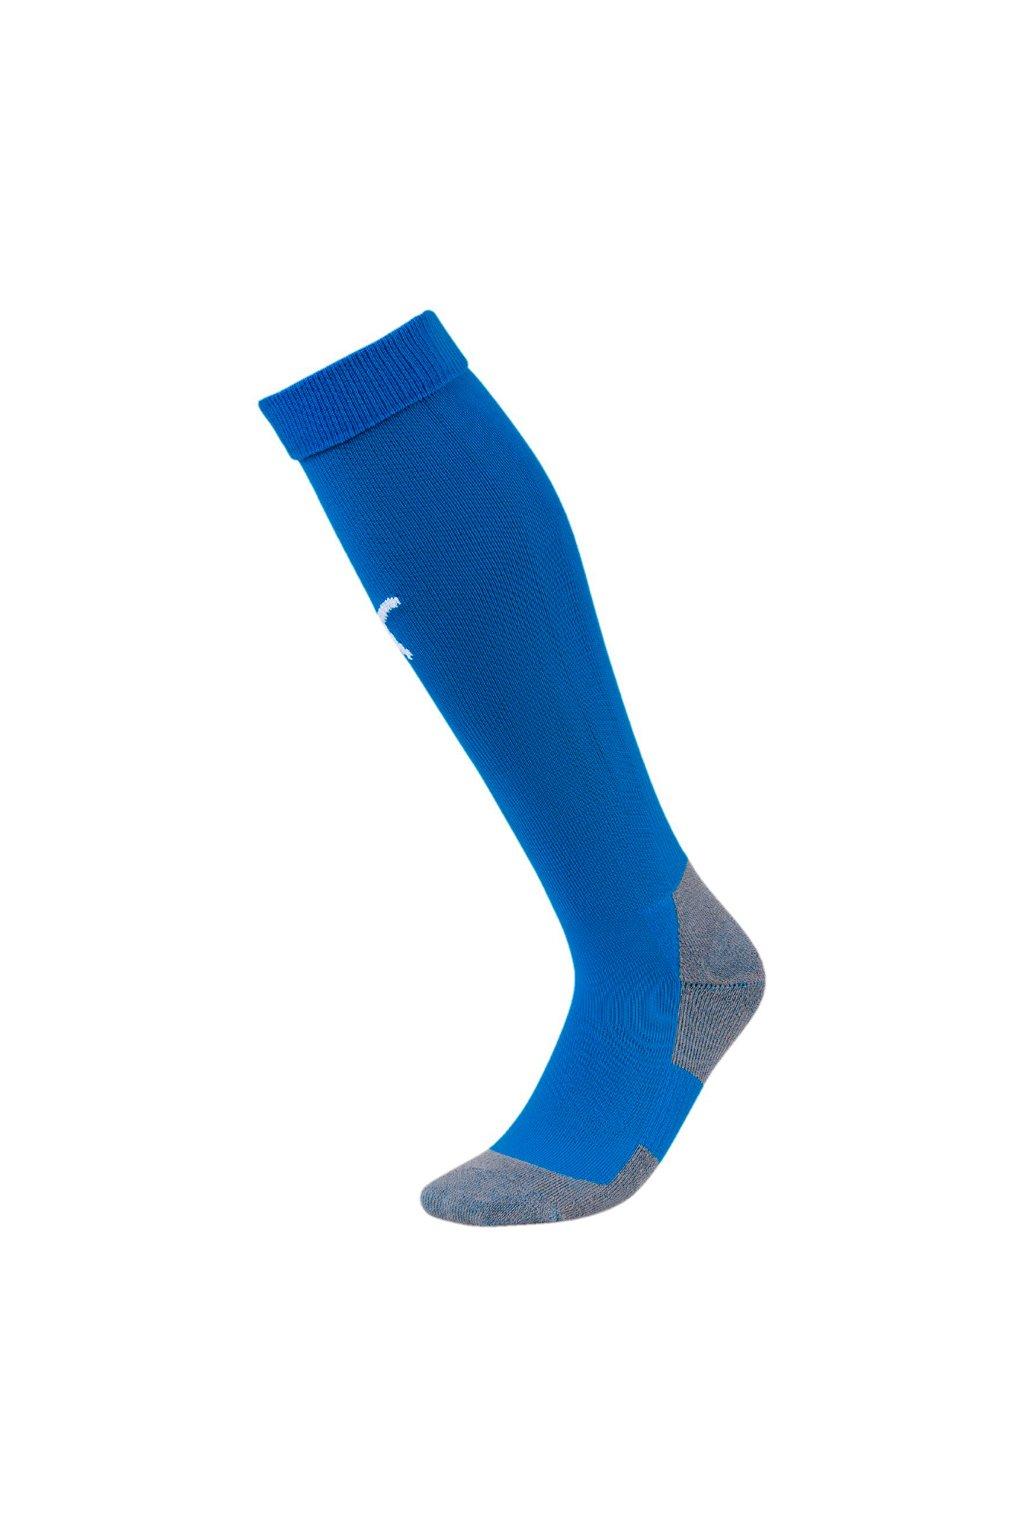 Futbalové ponožky Puma Liga Core Socks modré 703441 02